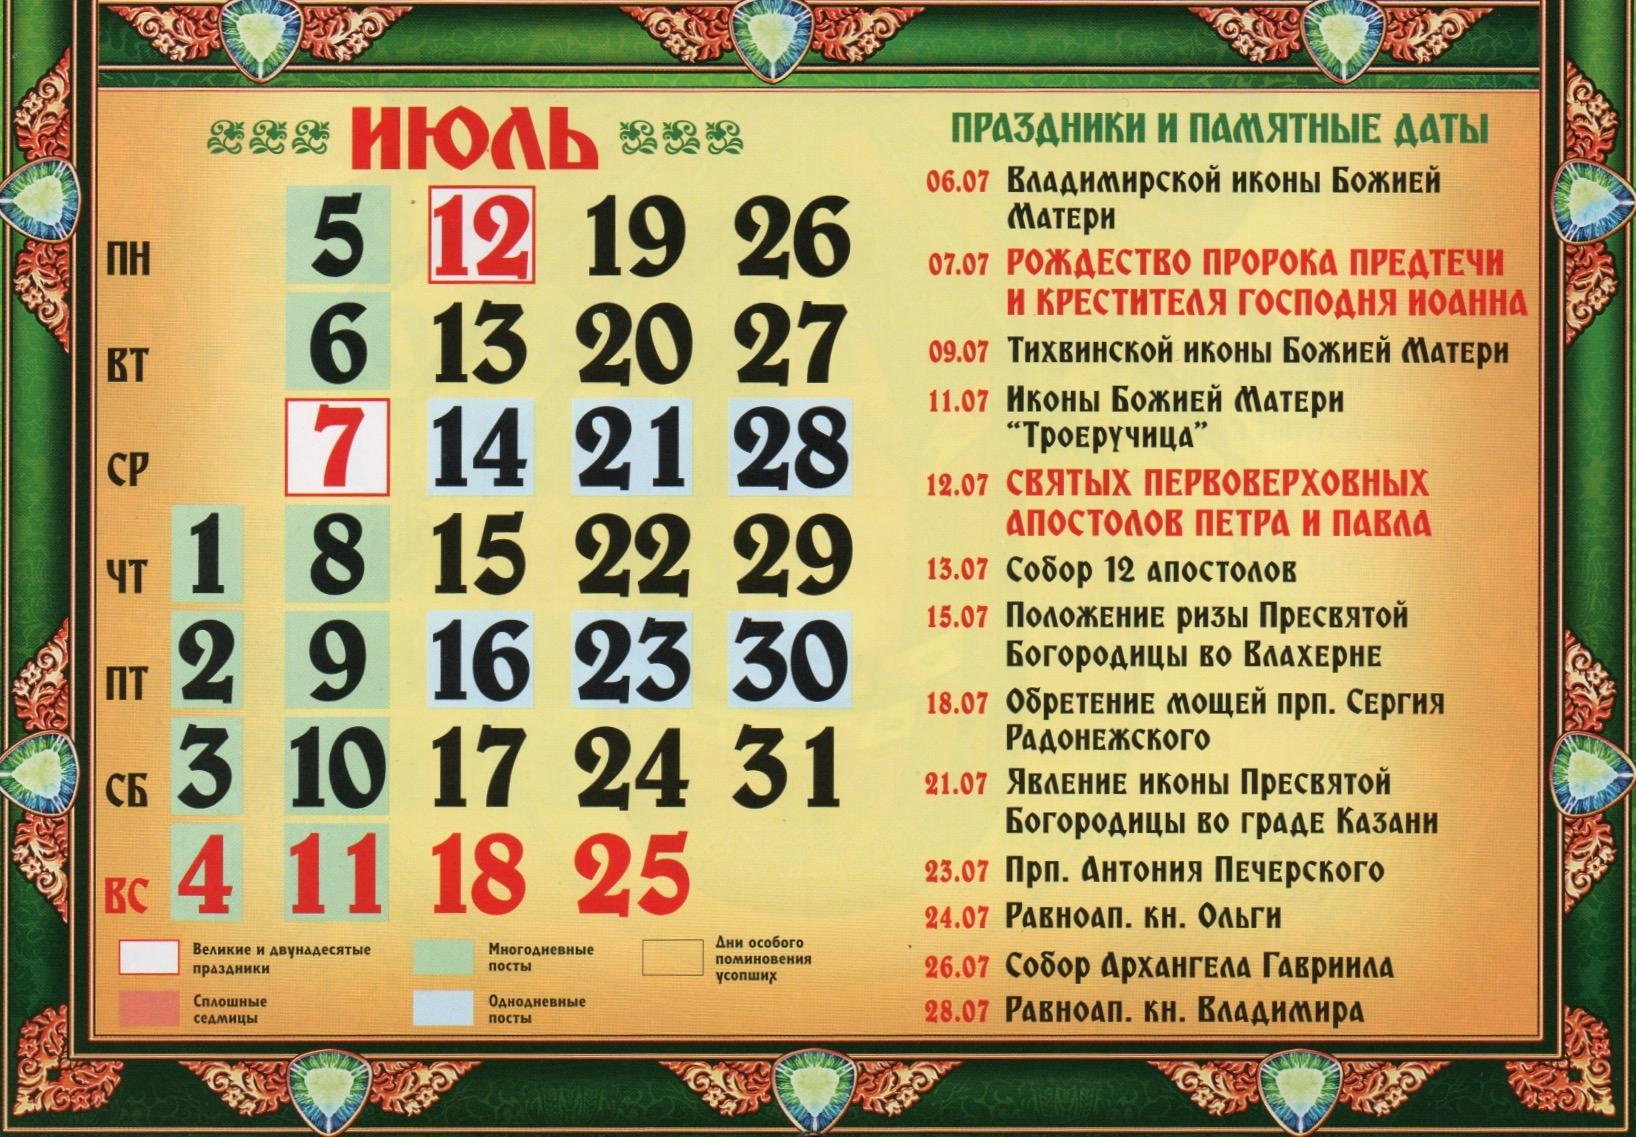 церковные праздники в июле 2021 года календарь